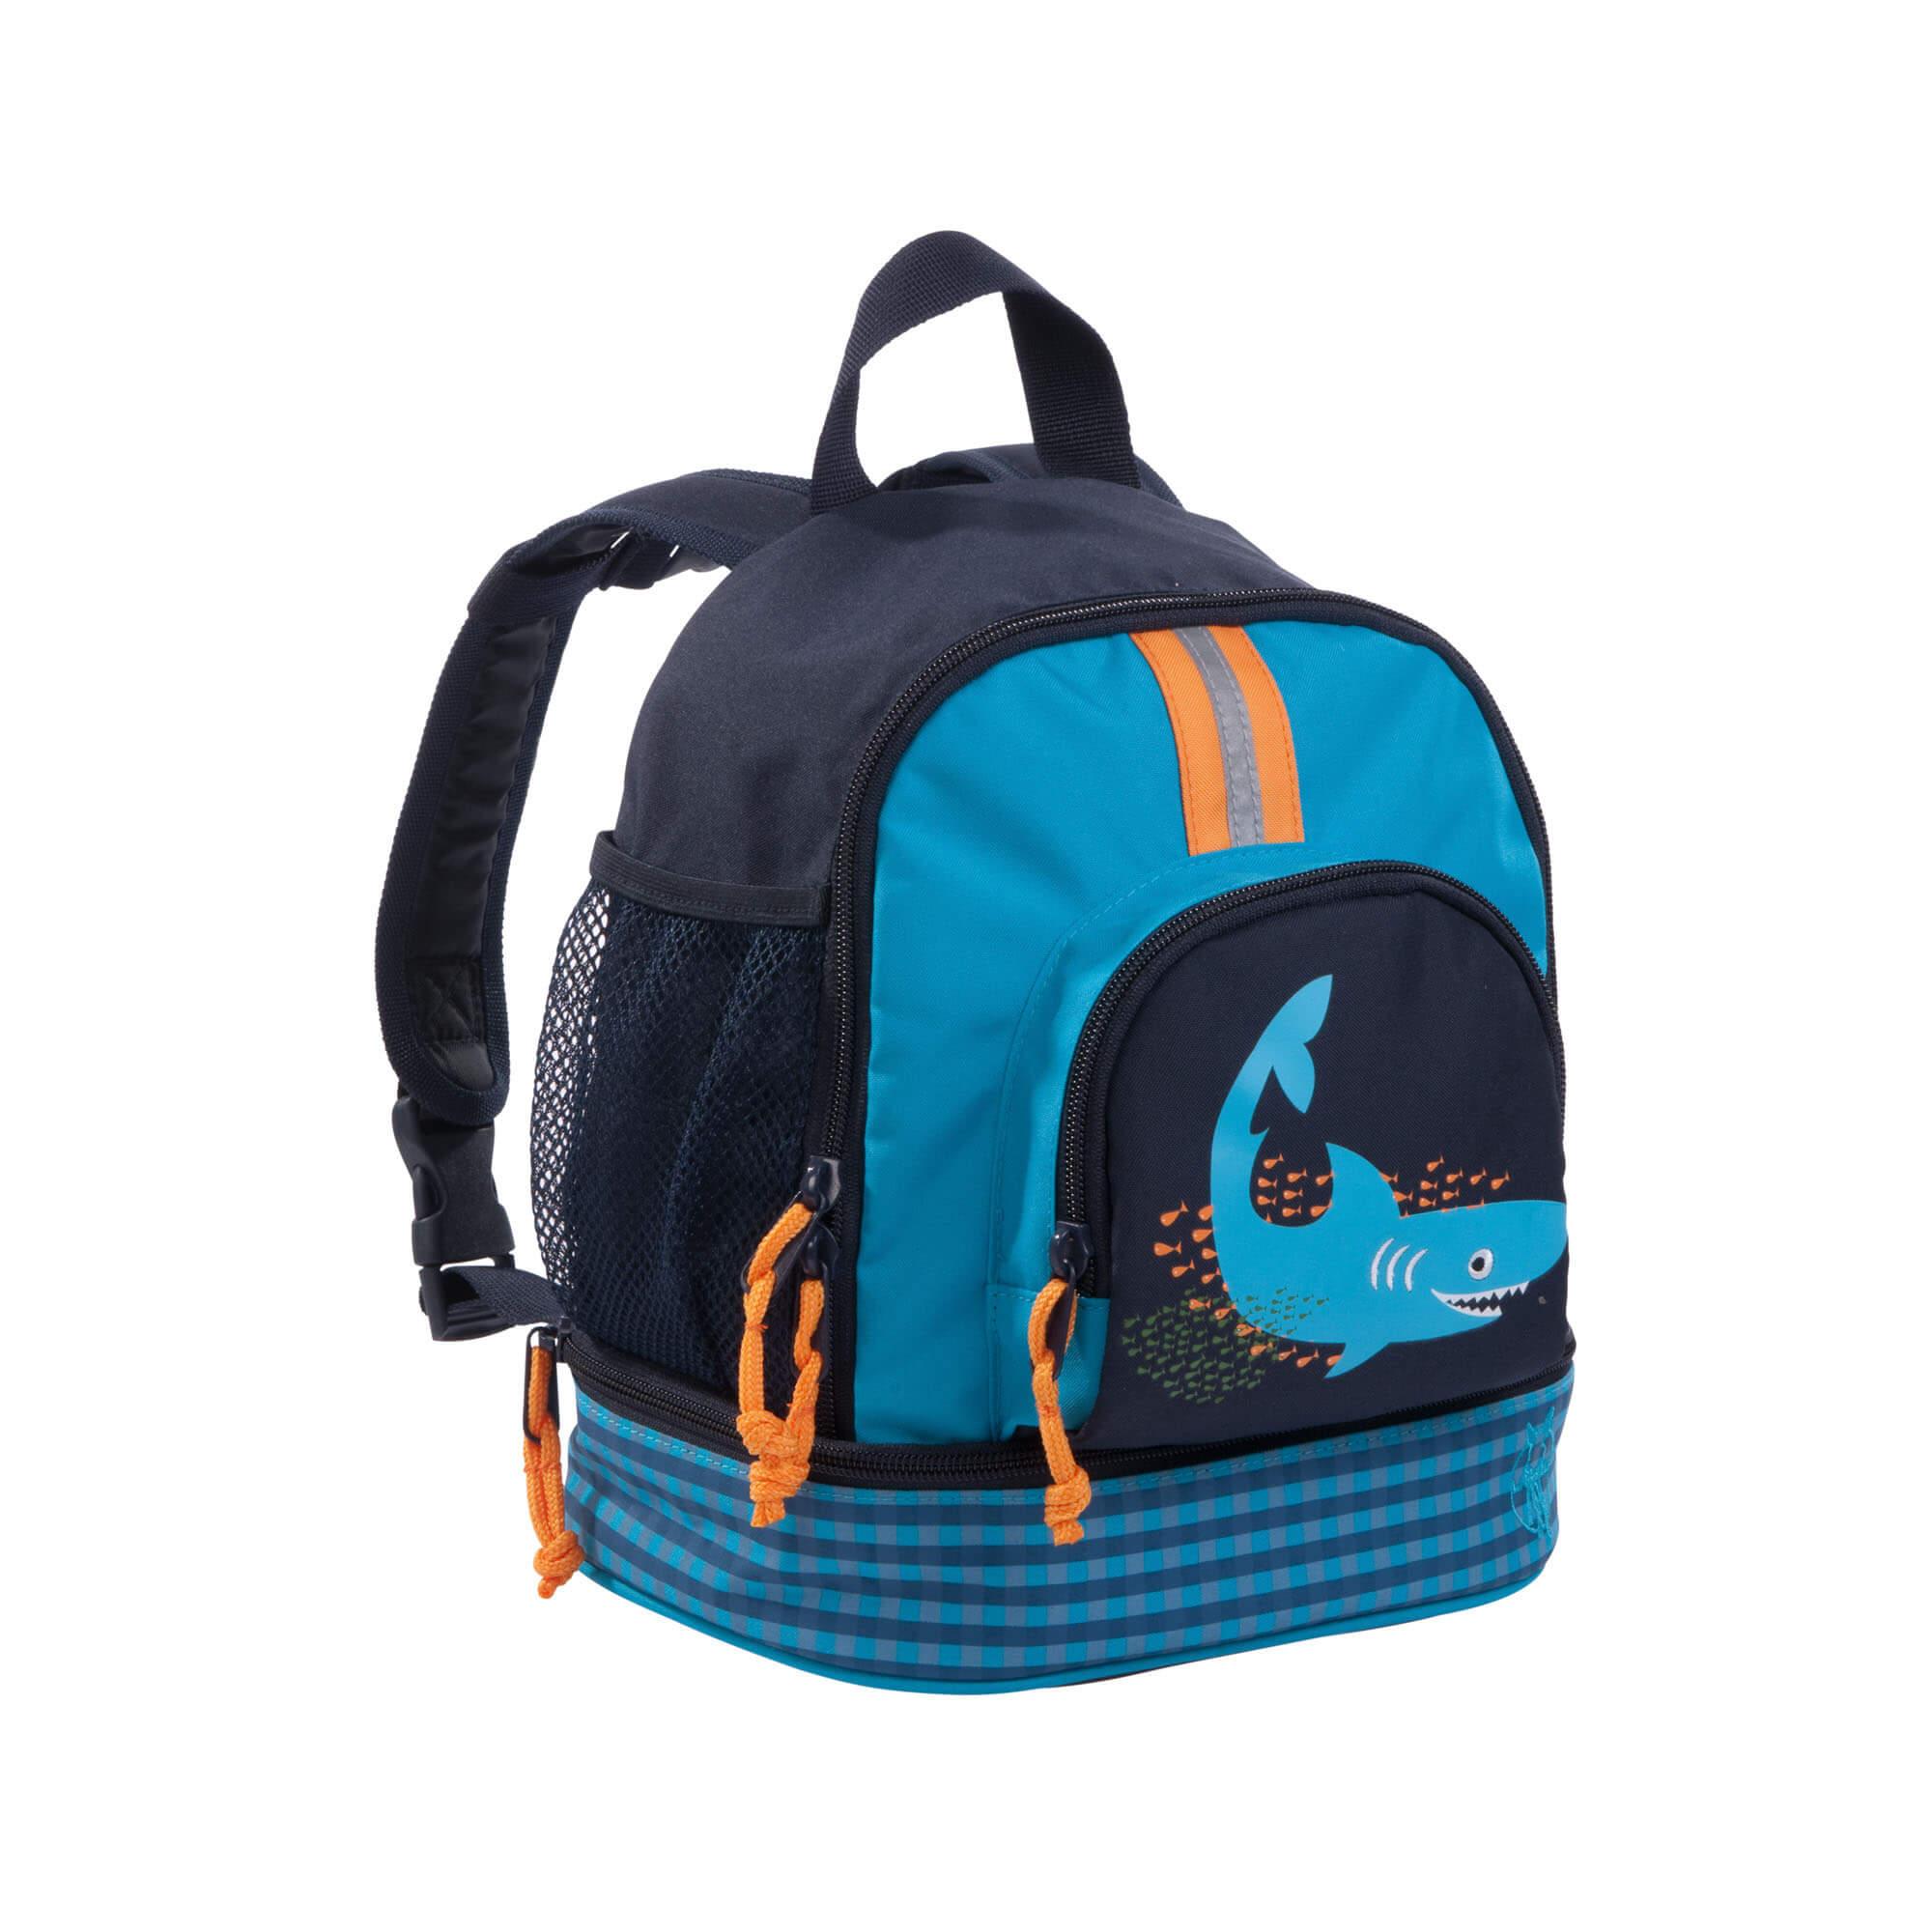 Lässig kinderrucksack mini backpack wildlife shark ocean